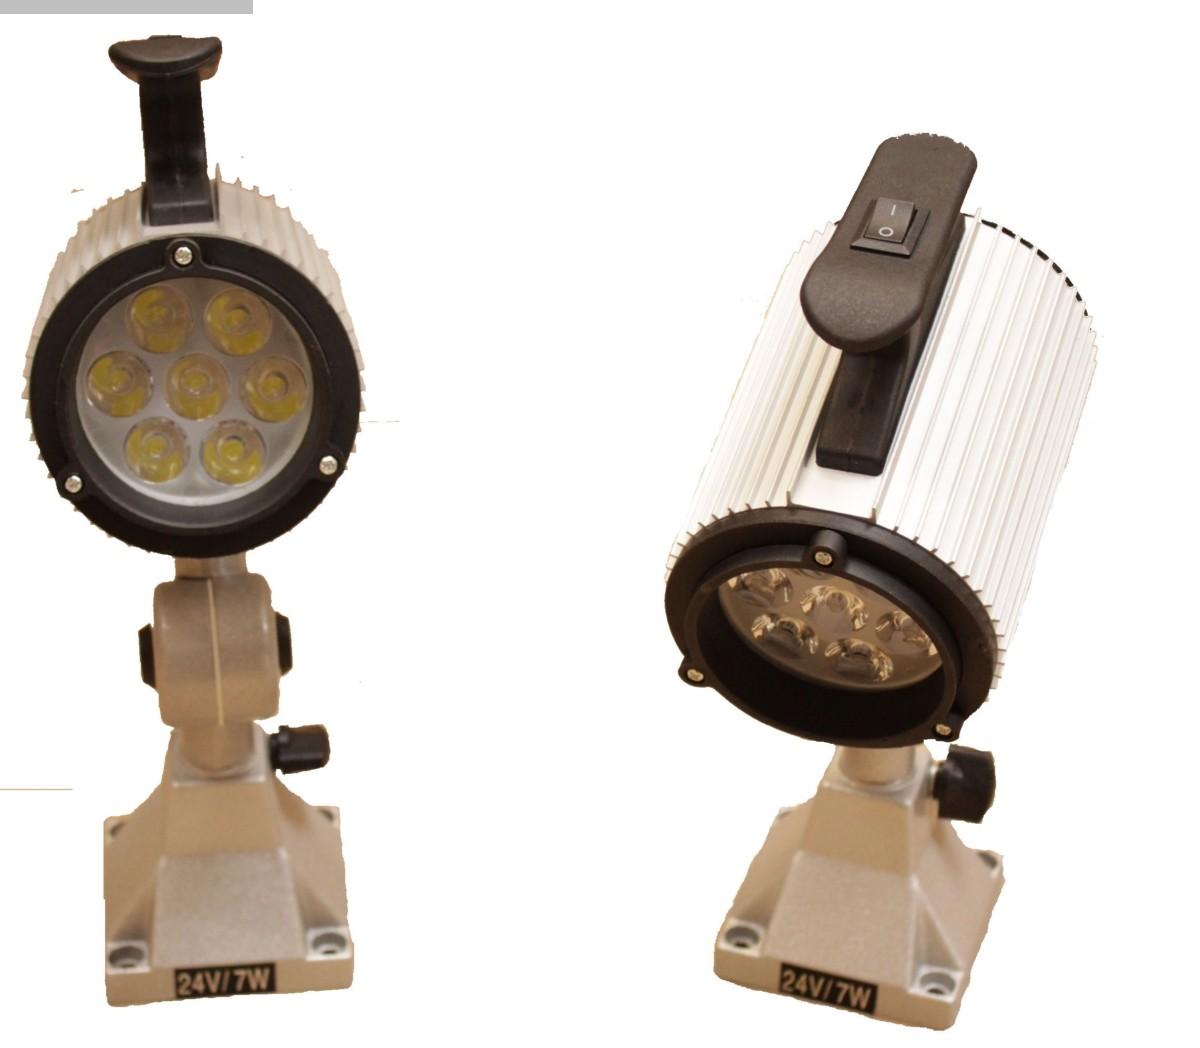 tweedehands Gereedschappen en industriële uitrusting Machinelampen Aalenbach LED Maschinenlampen kurz